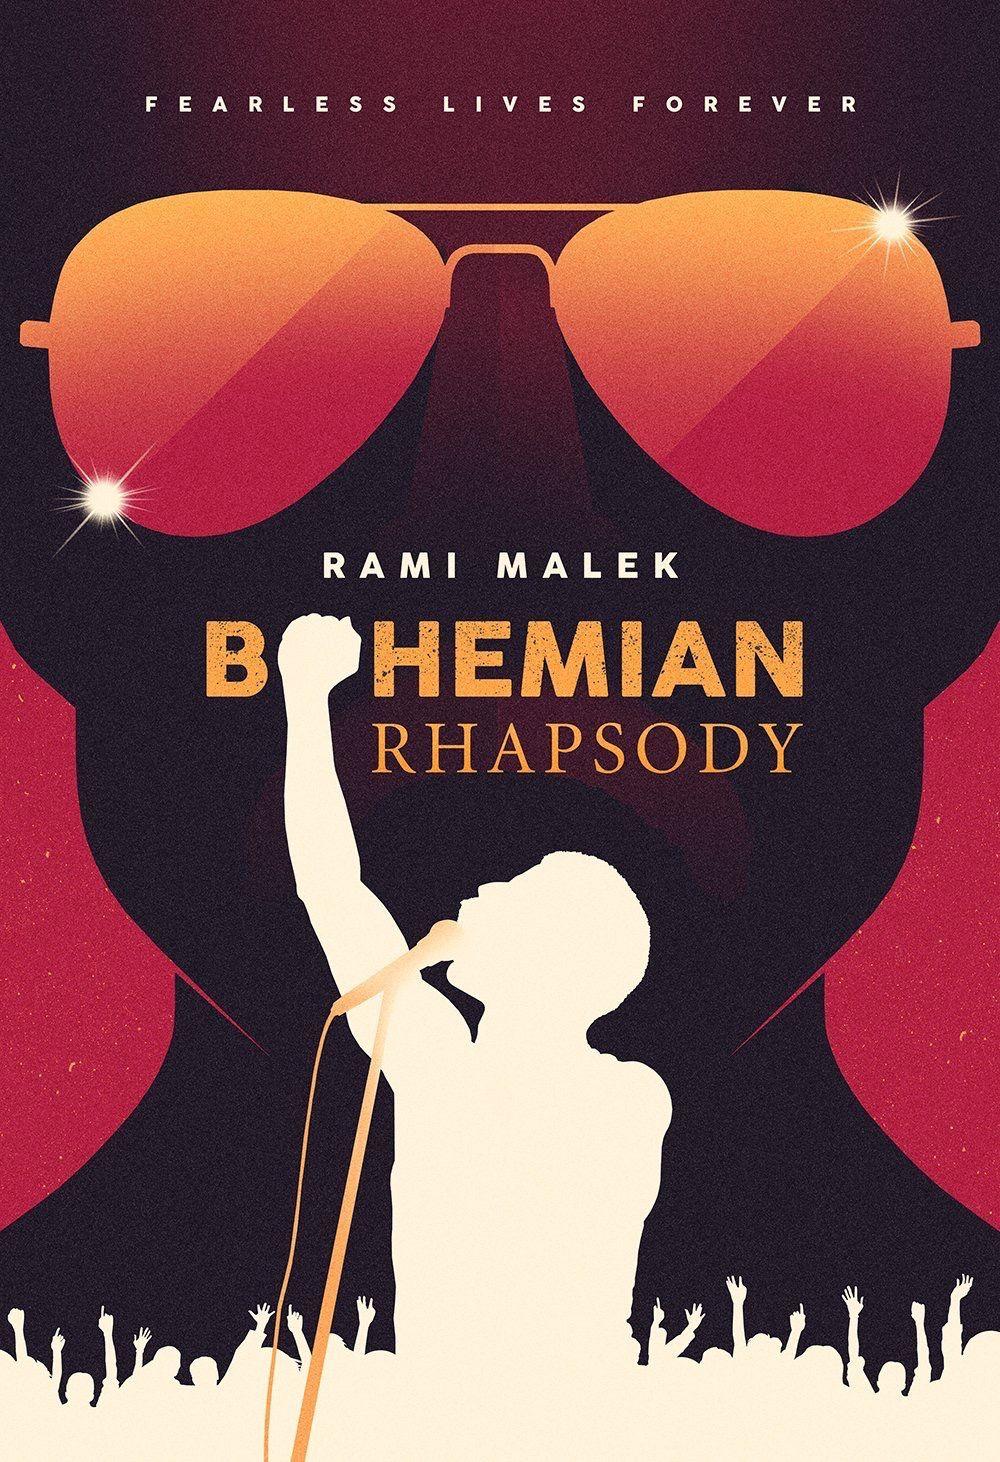 PARLONS CINÉMA : Bohemian Rhapsody, un bon film moyen ?